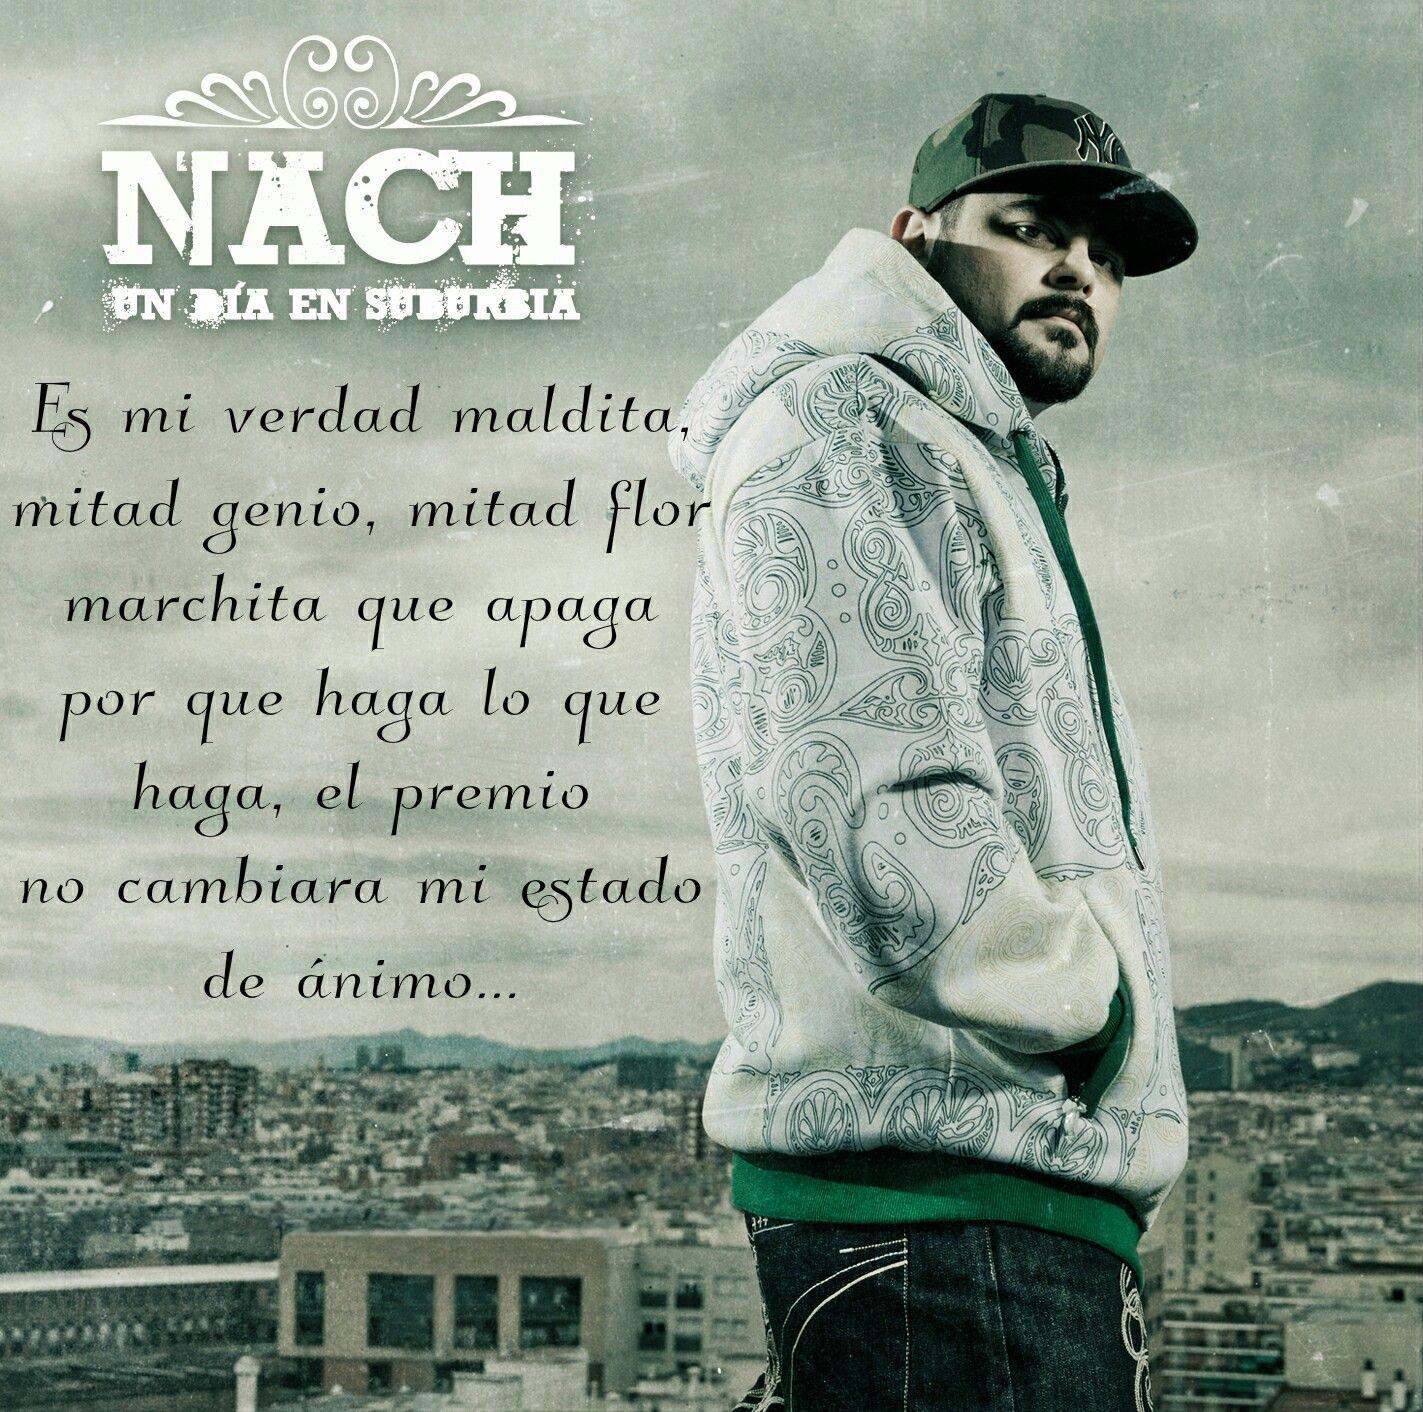 Respeto Hermano Olor Lujo Ventana Calle Rap Hip Hop rboles De Guardera